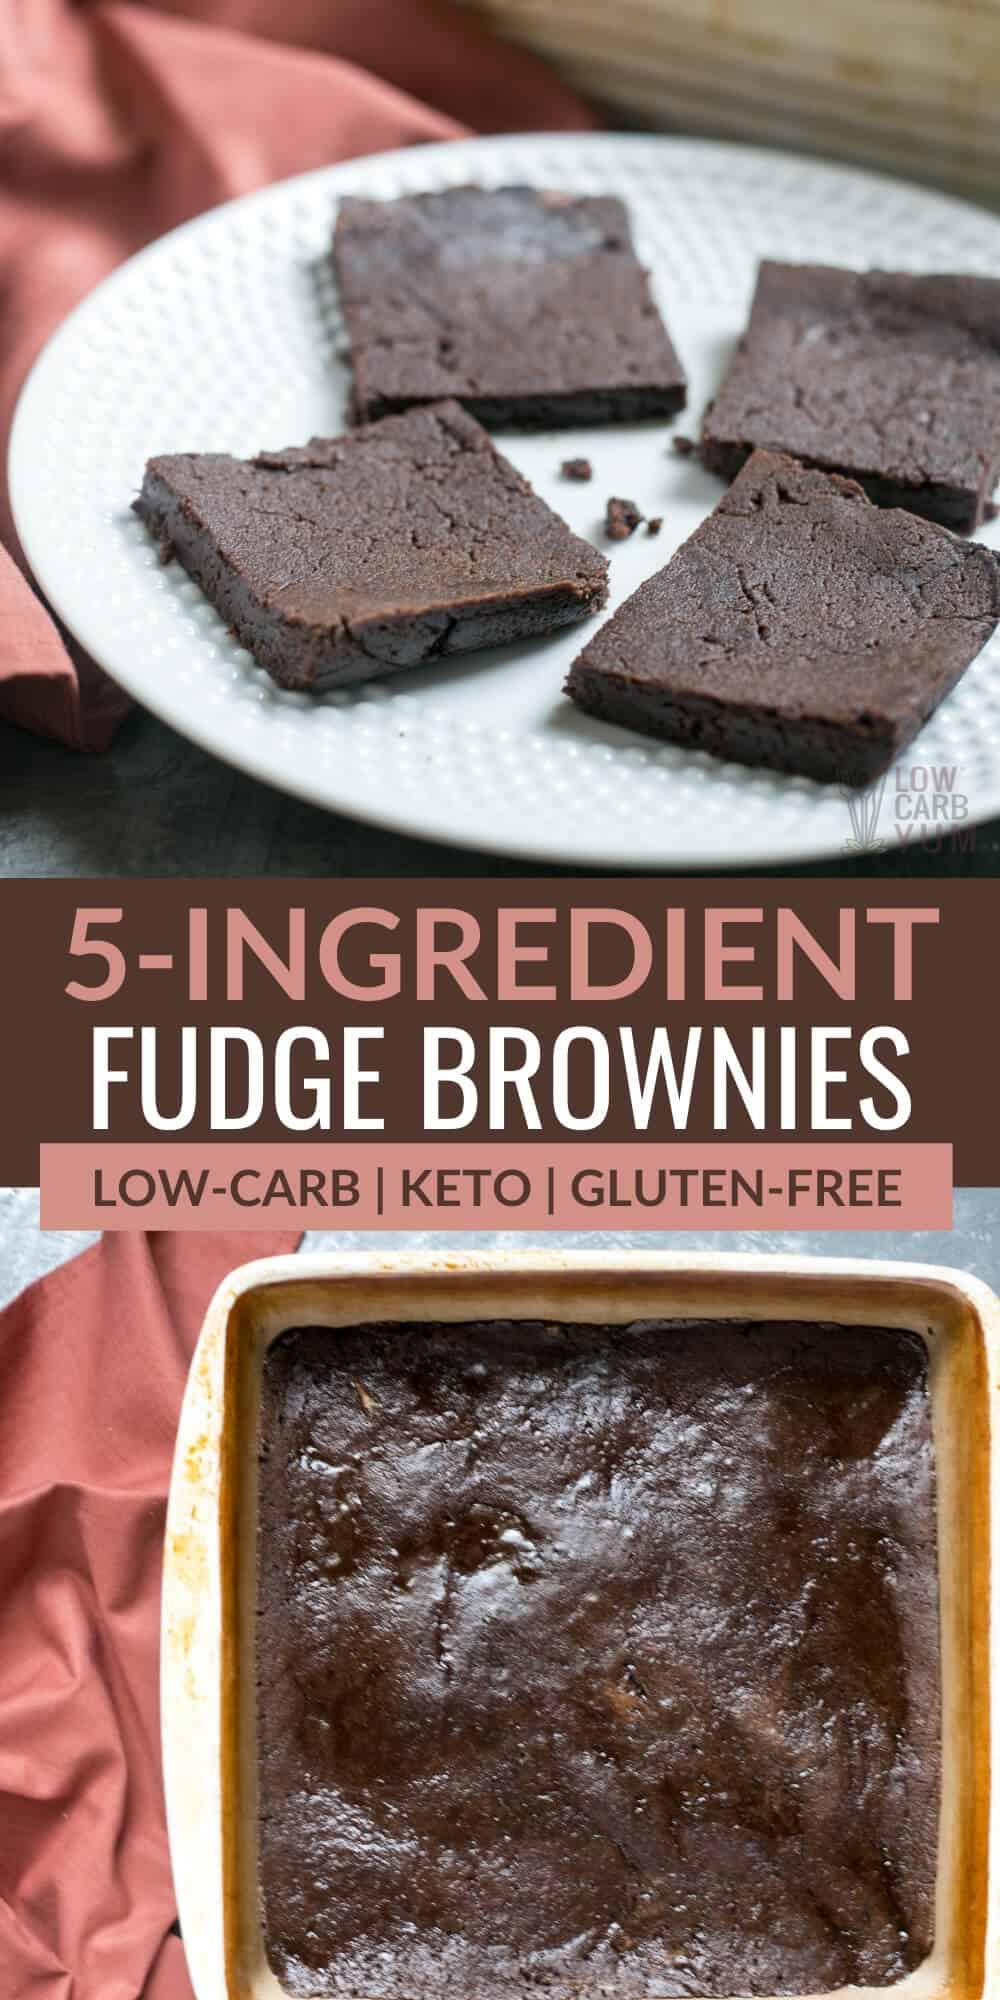 5-ingredient fudge brownies pinterest image